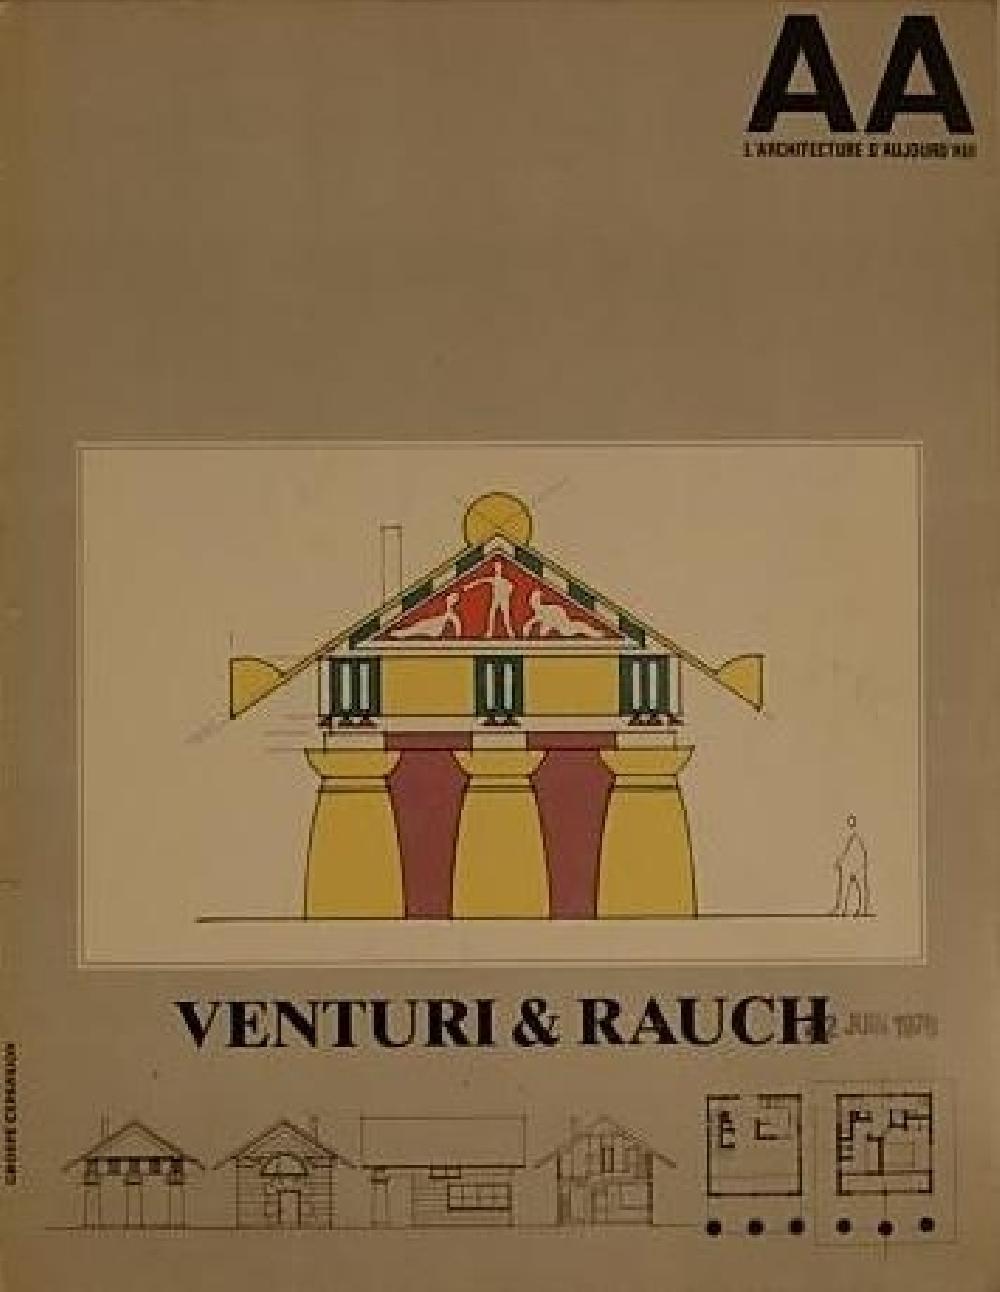 L'Architecture d'Aujourd'hui n°197